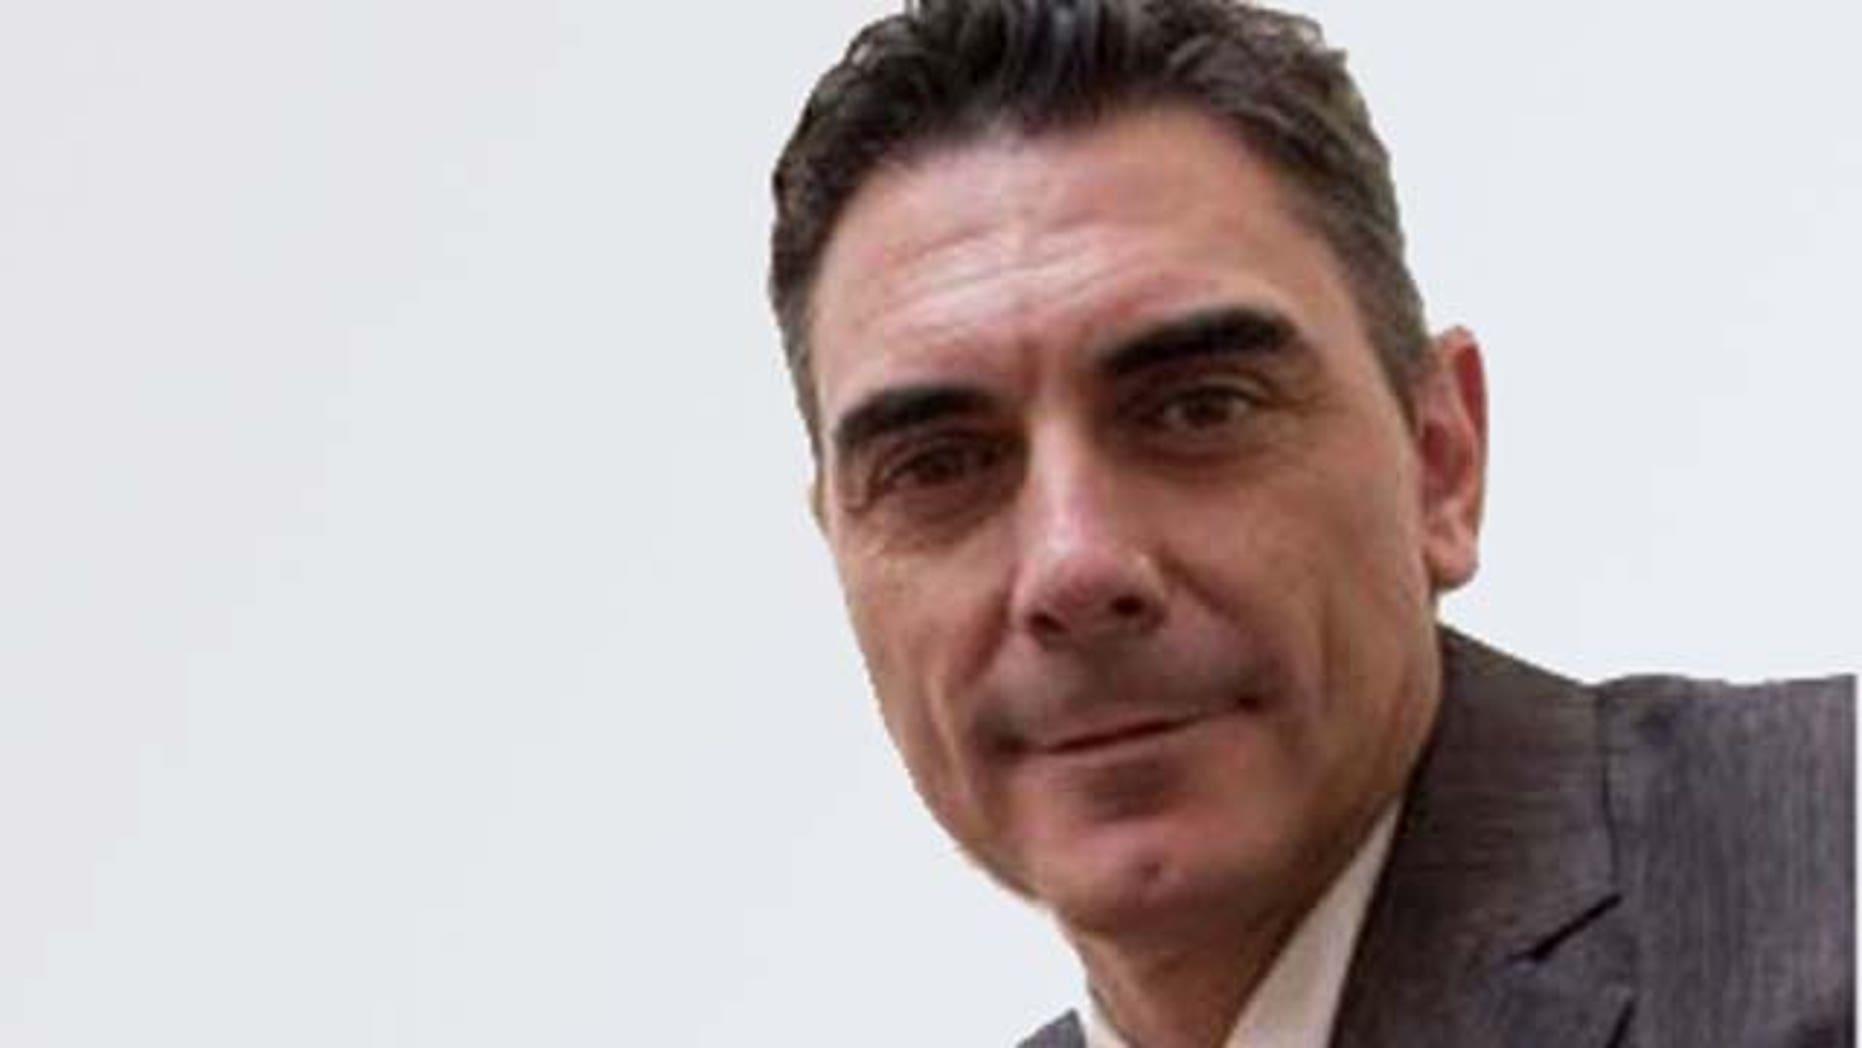 Alberto Acereda es catedrático universitario en Estados Unidos y co-fundador de TheAmericano.com